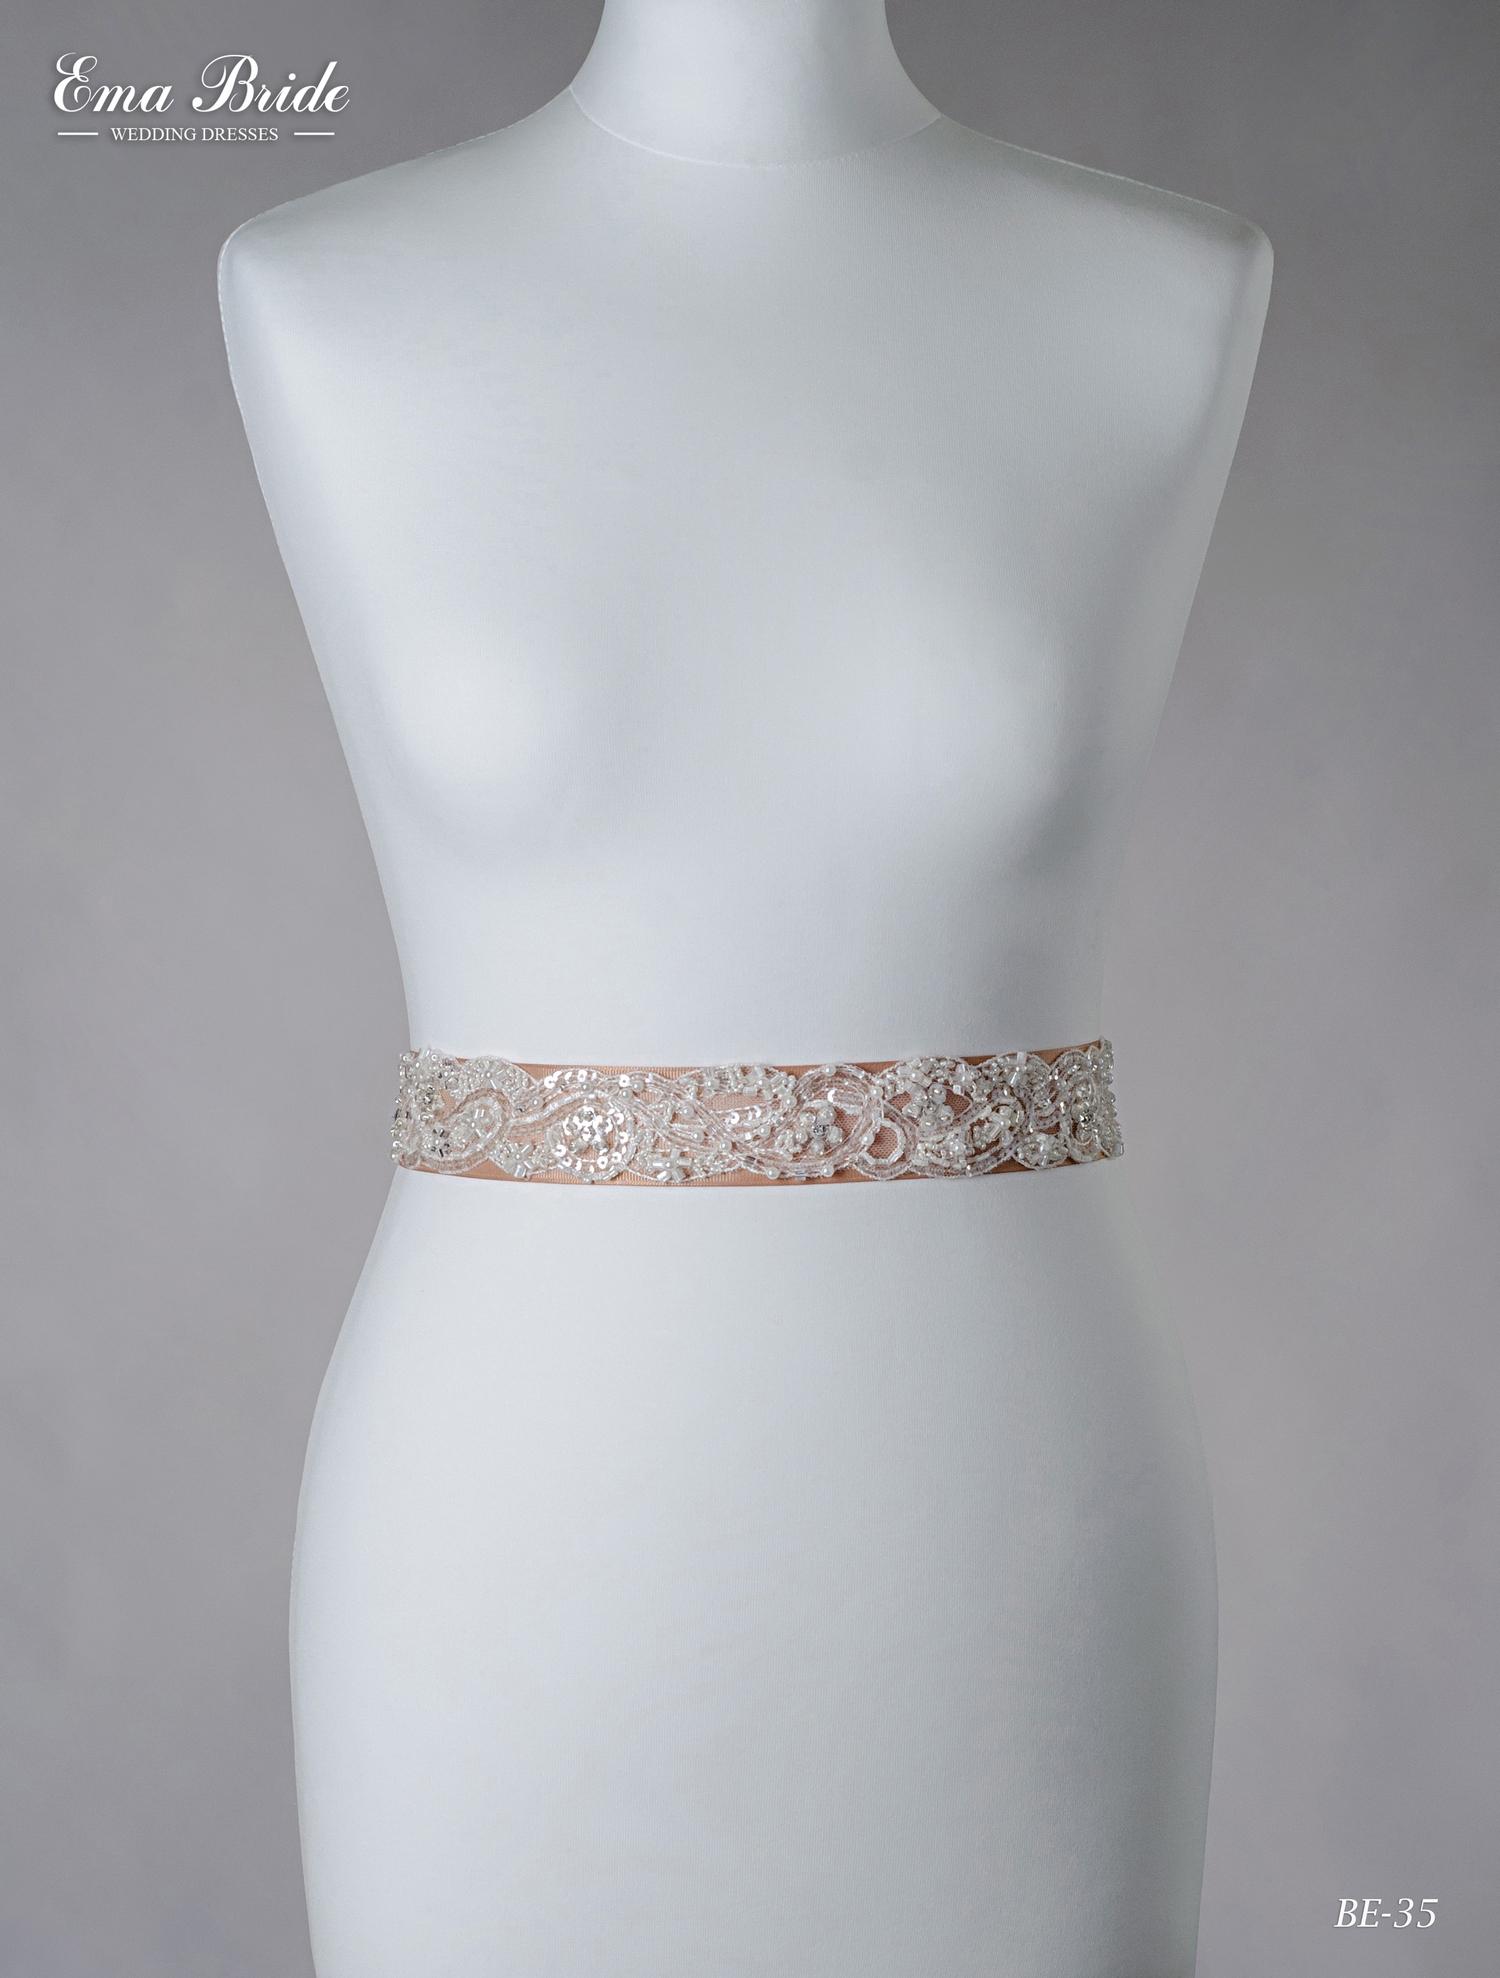 Brâuleț pentru rochie de mireasă Be-35